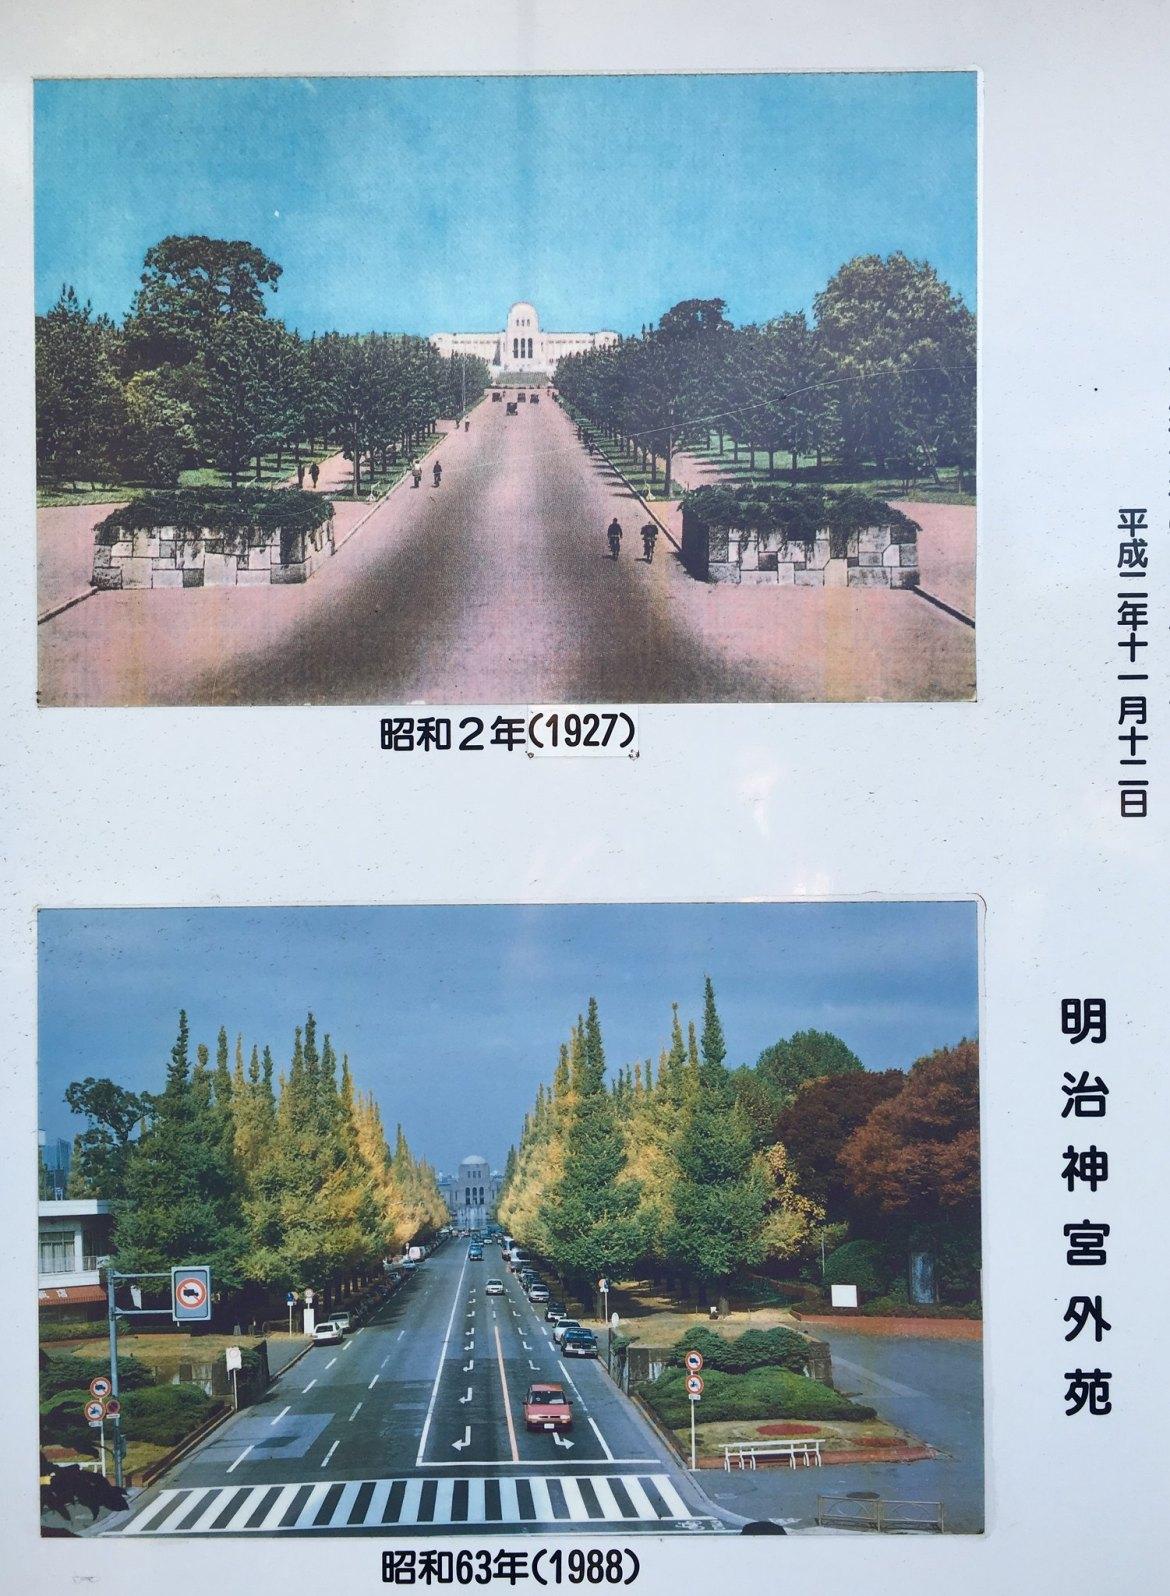 Meiji Jingu Gaien historical images